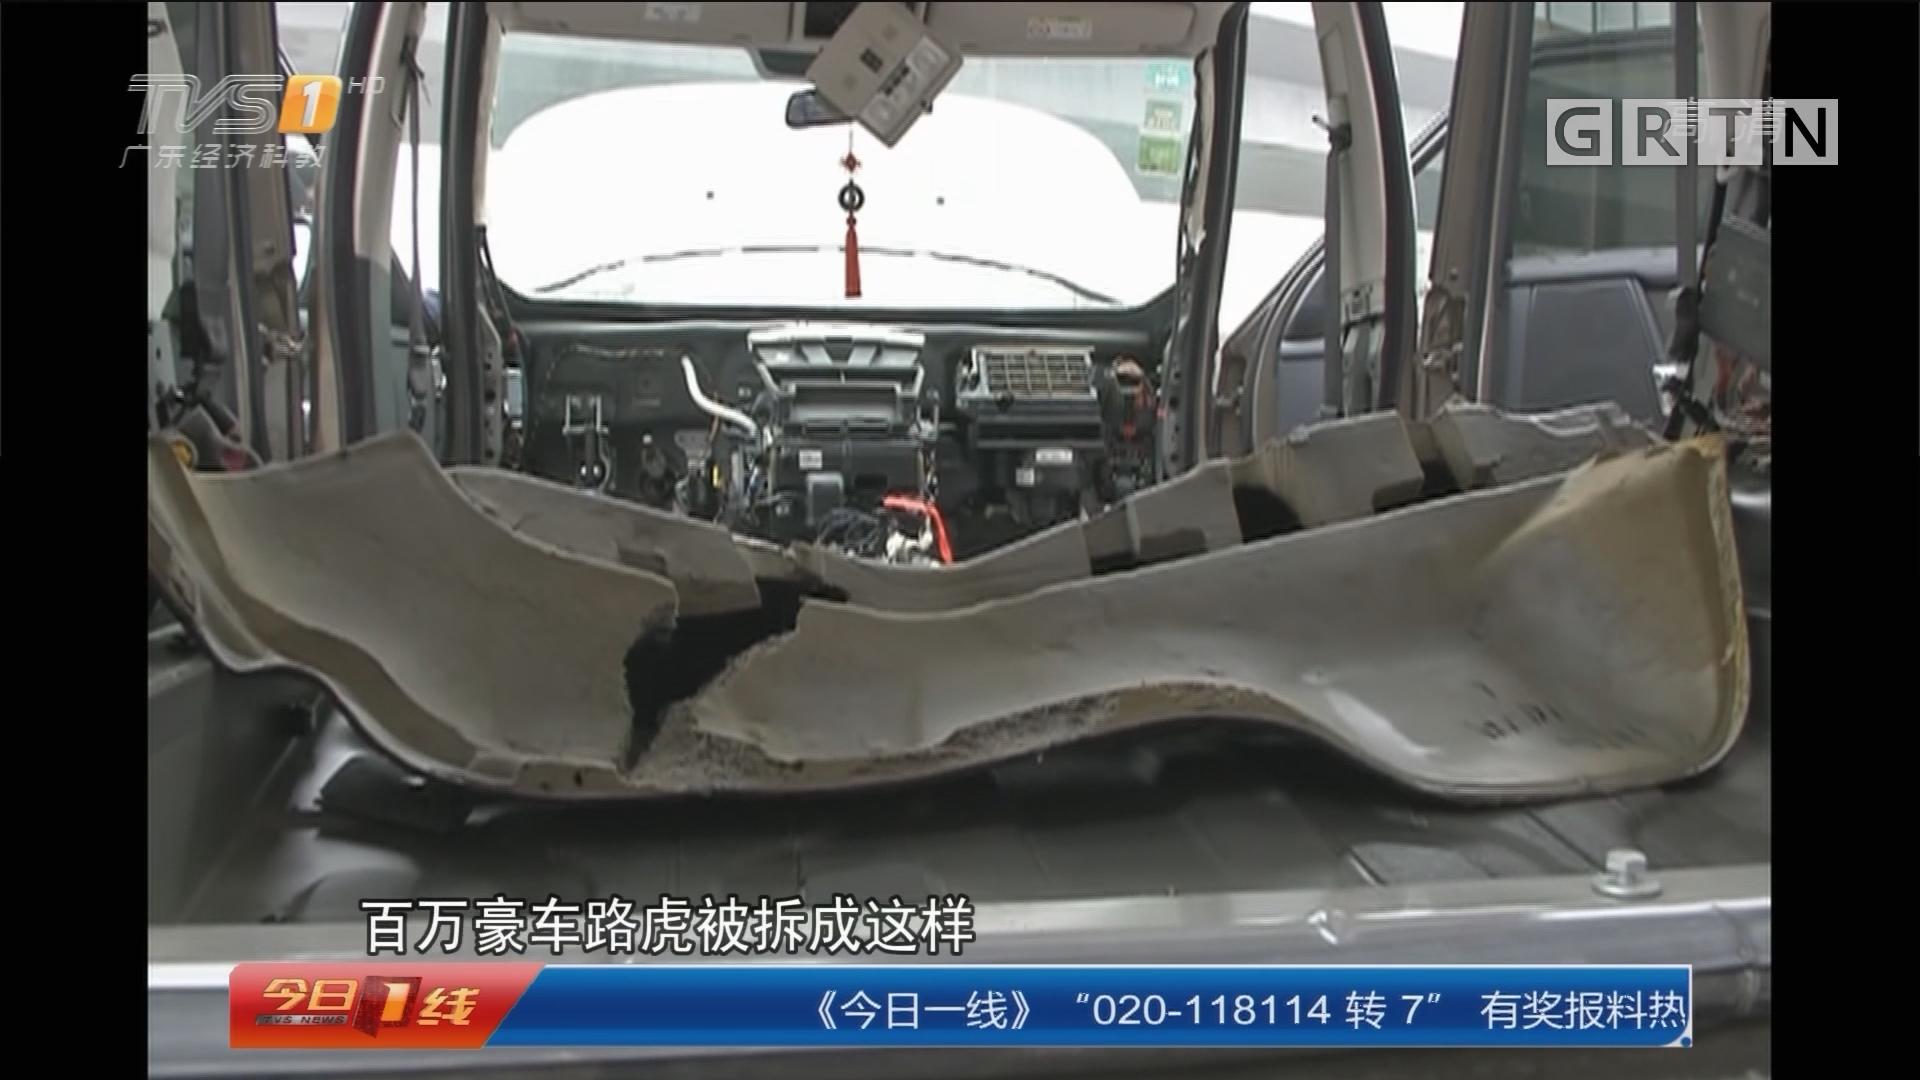 西安:为除鼠患 拆了百万豪车